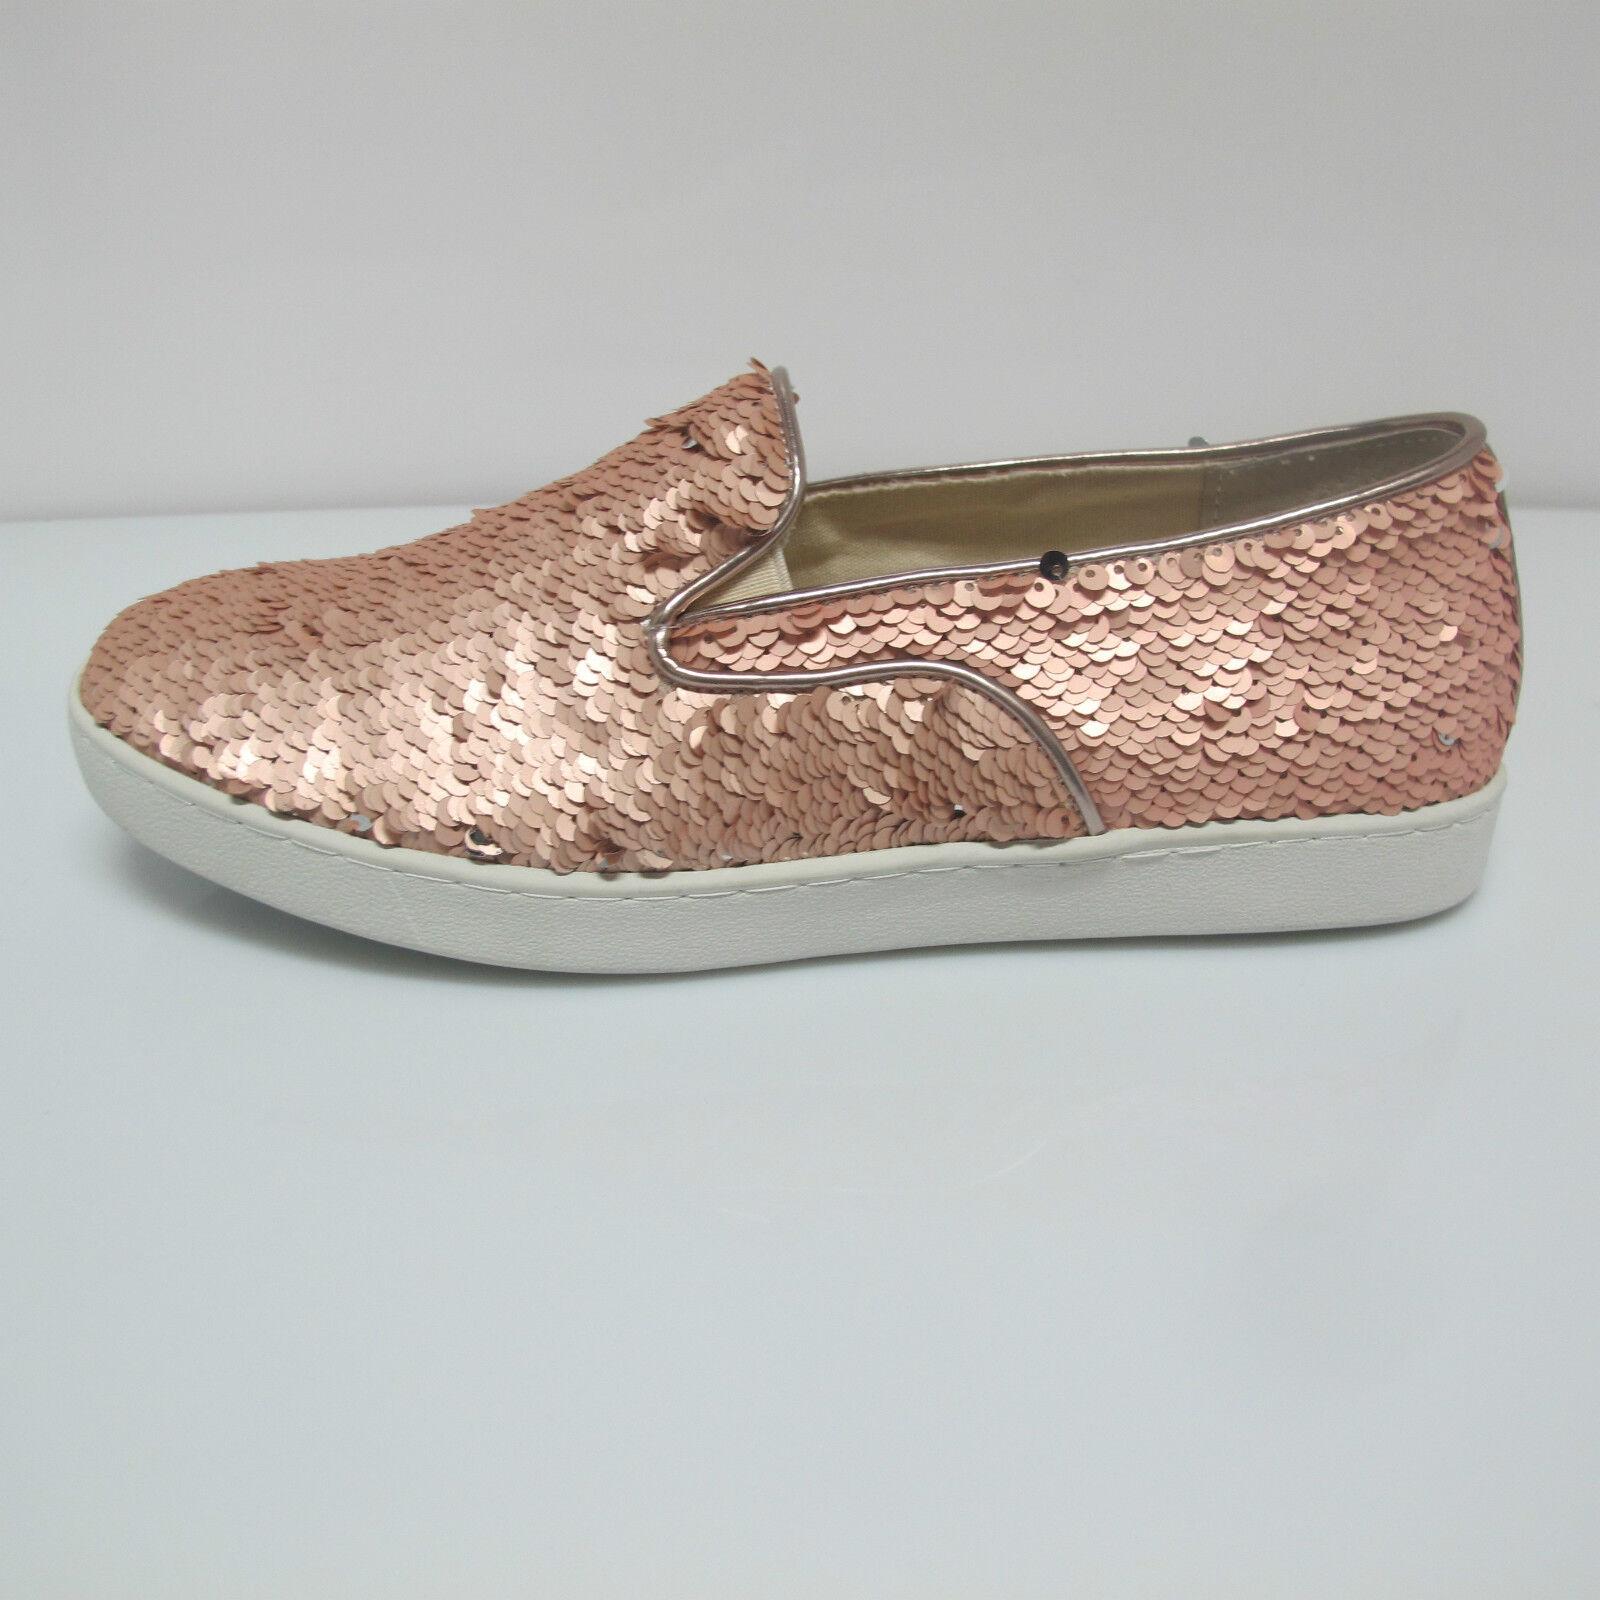 LIU JO women's shoes SNEAKER slip on EMMA S15143 T7881 col. powder summer 2015